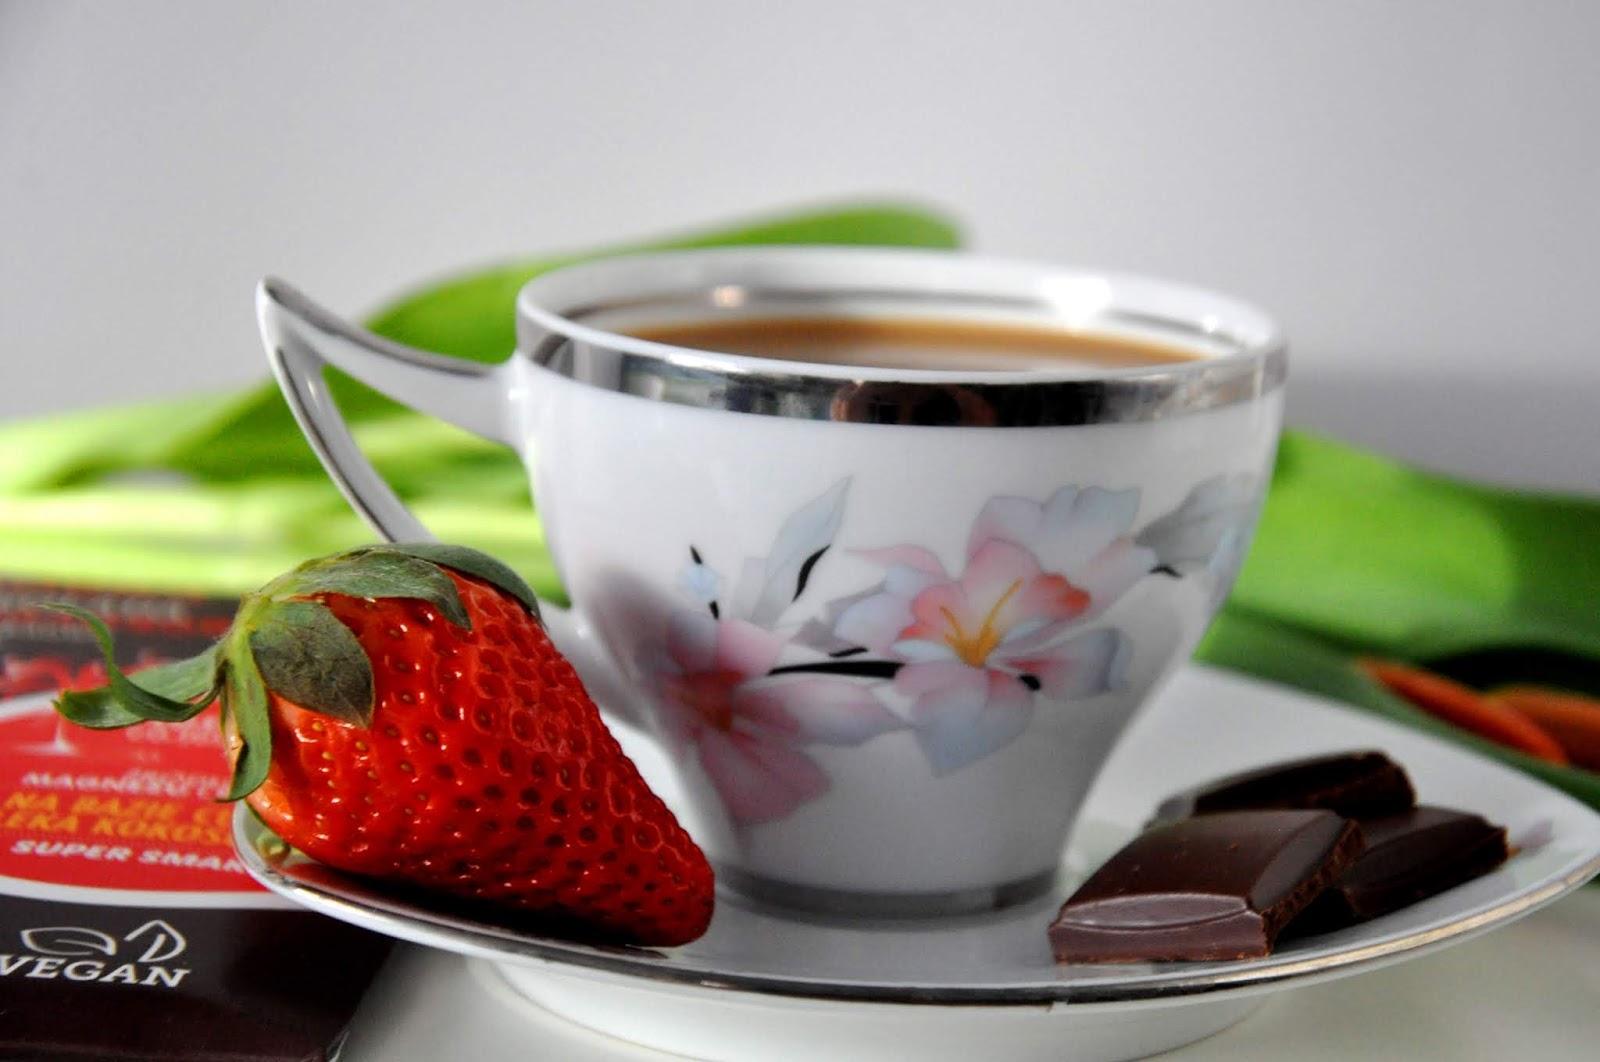 Wybieramy lepsze słodycze - bez cukru, glutenu i oleju palmowego. Zdrowe, ekologiczne, pyszne!